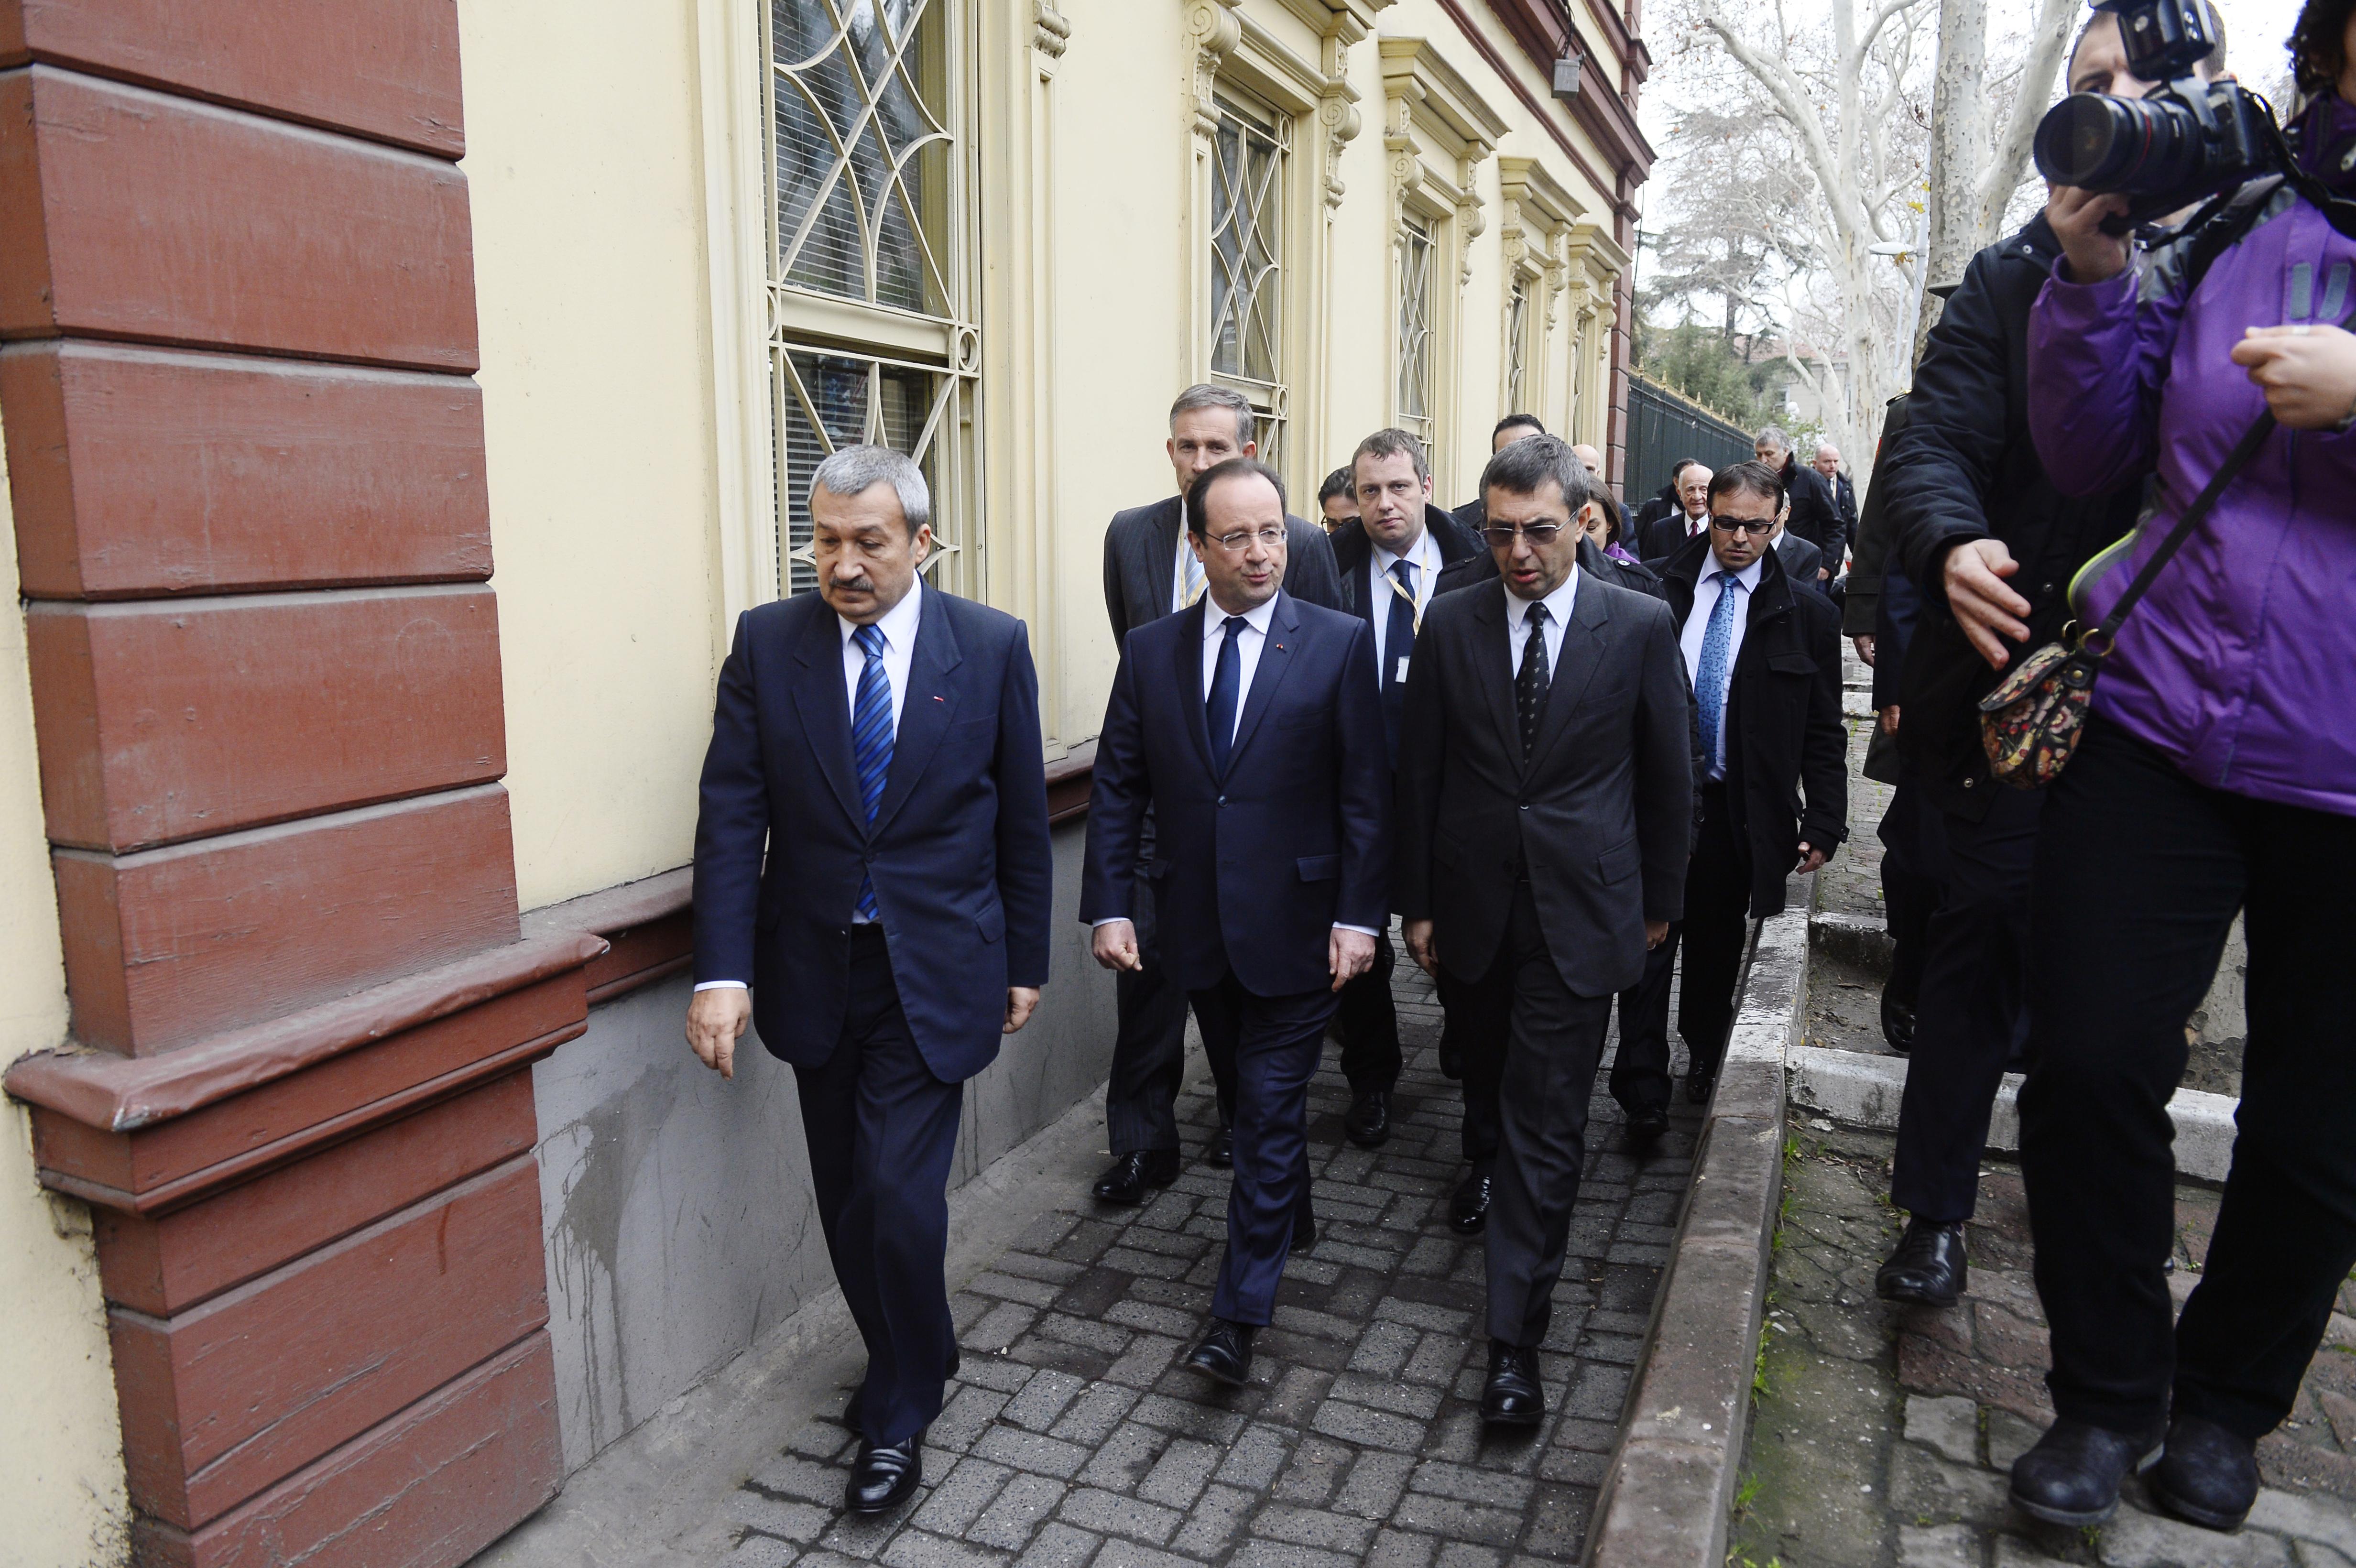 زيارة سابقة للرئيس الفرنسي فرنسوا هولاند إلى جامعة غلطة سراي العريقة في اسطنبول عام 2014.